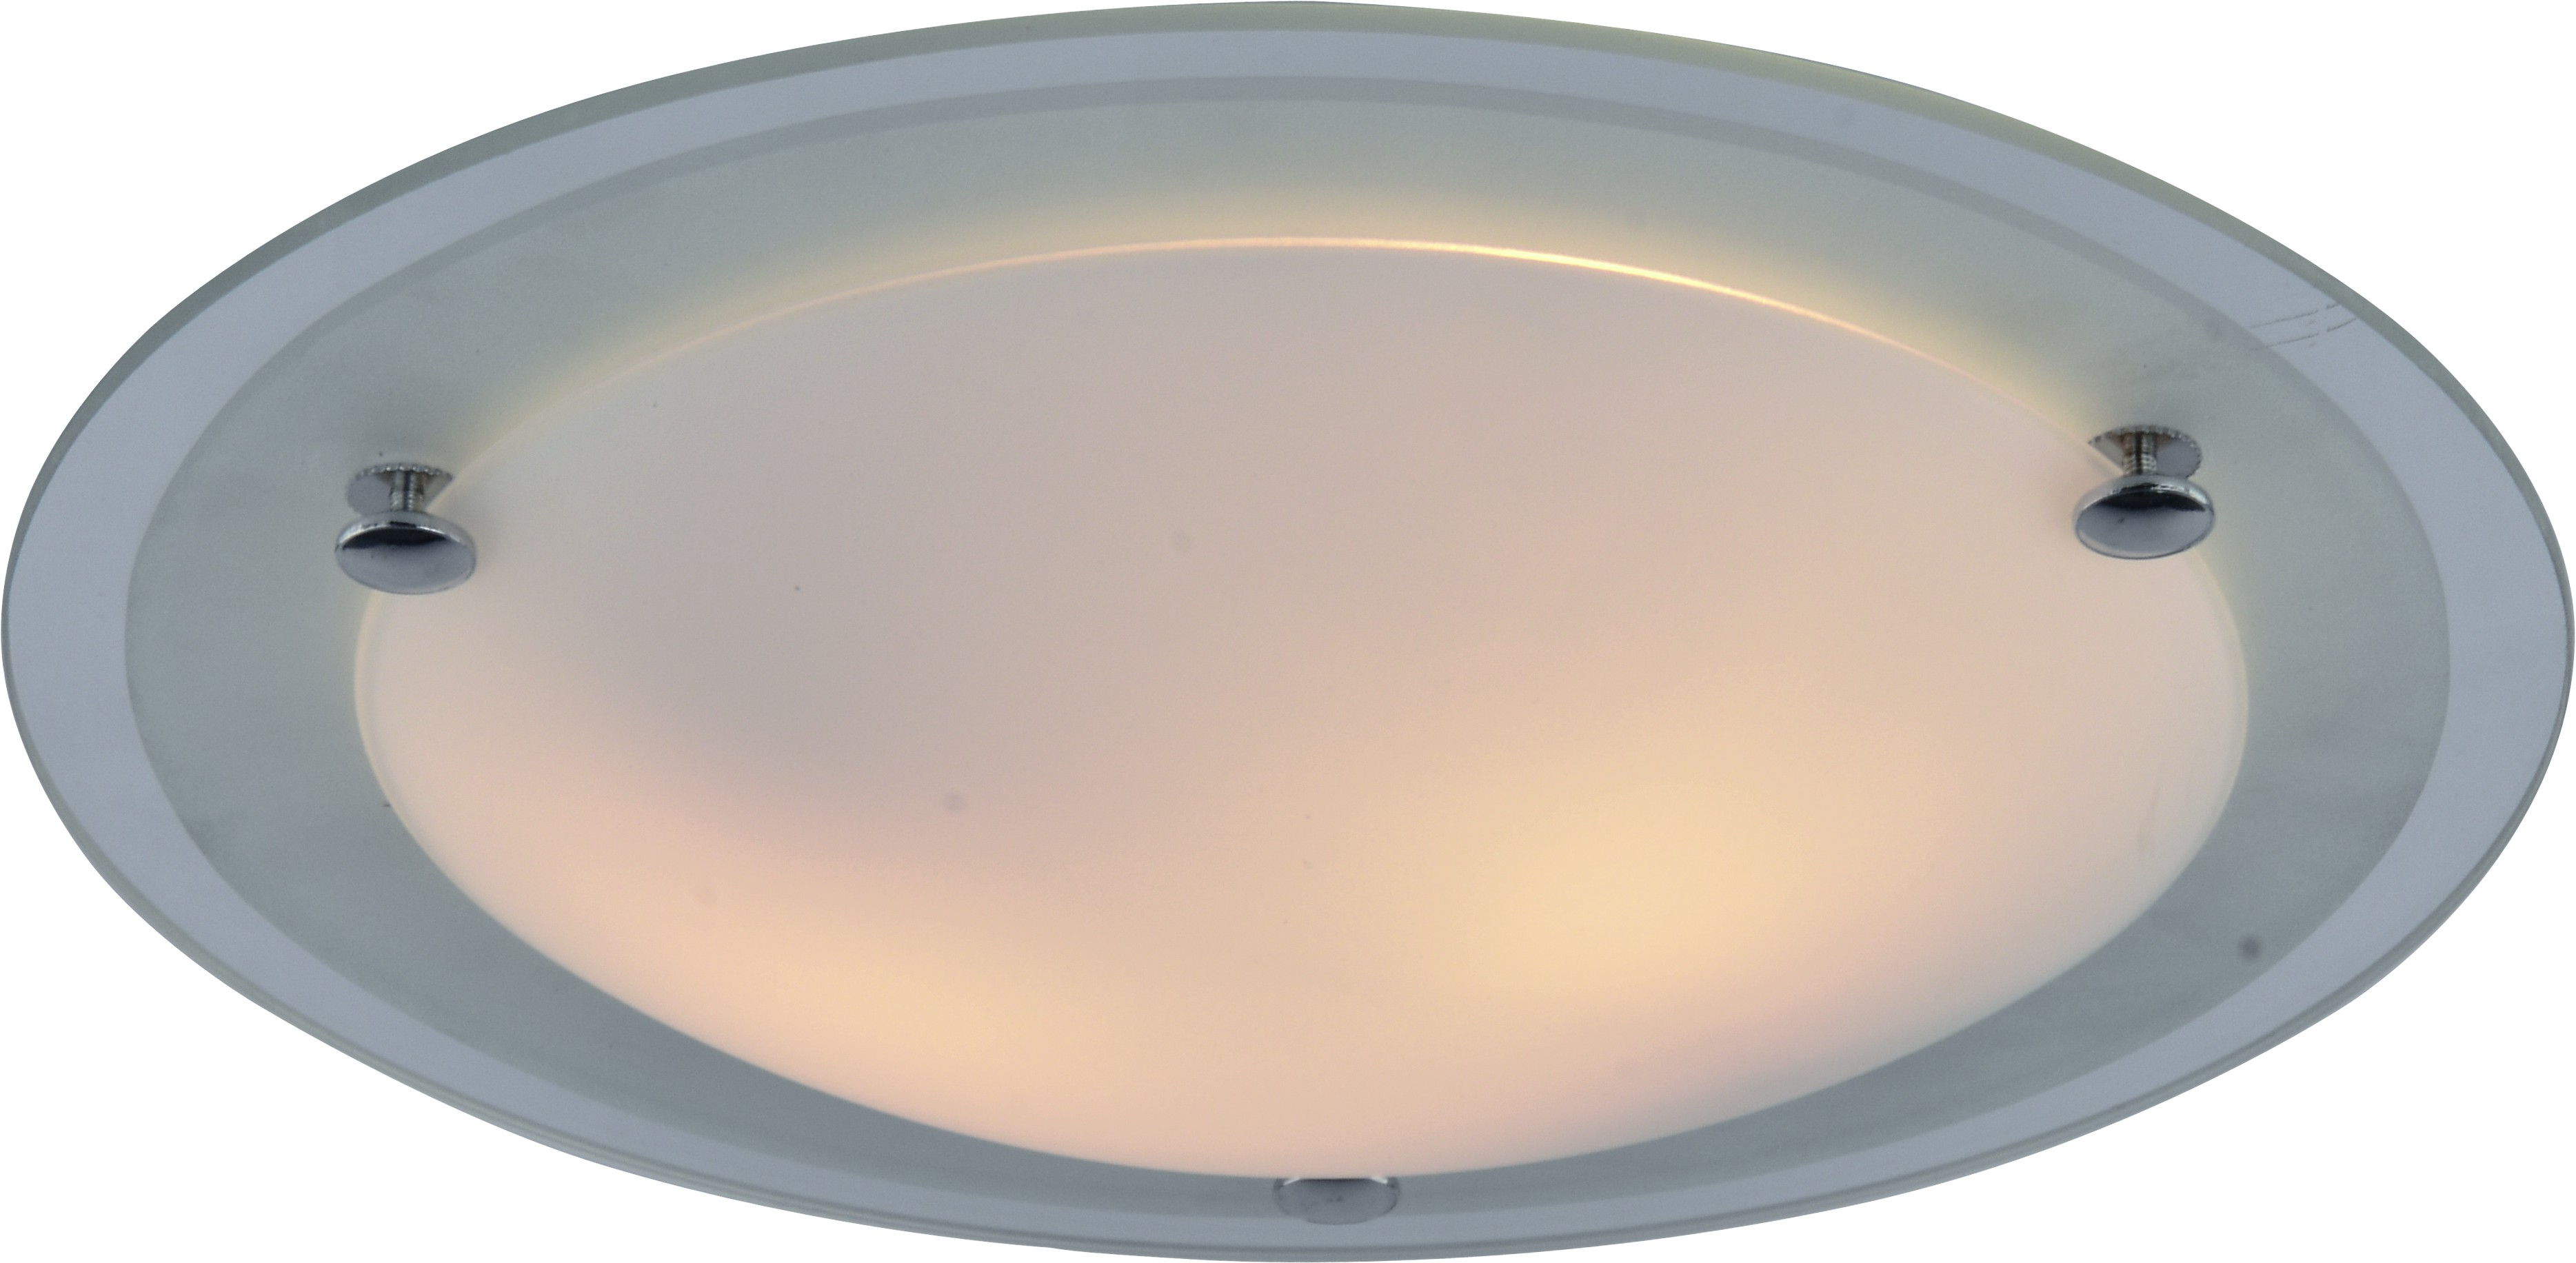 Светильник настенно-потолочный Arte lamp A4831pl-2cc светильник настенно потолочный arte lamp jasmine a4040pl 2cc 2x60вт e27 хром